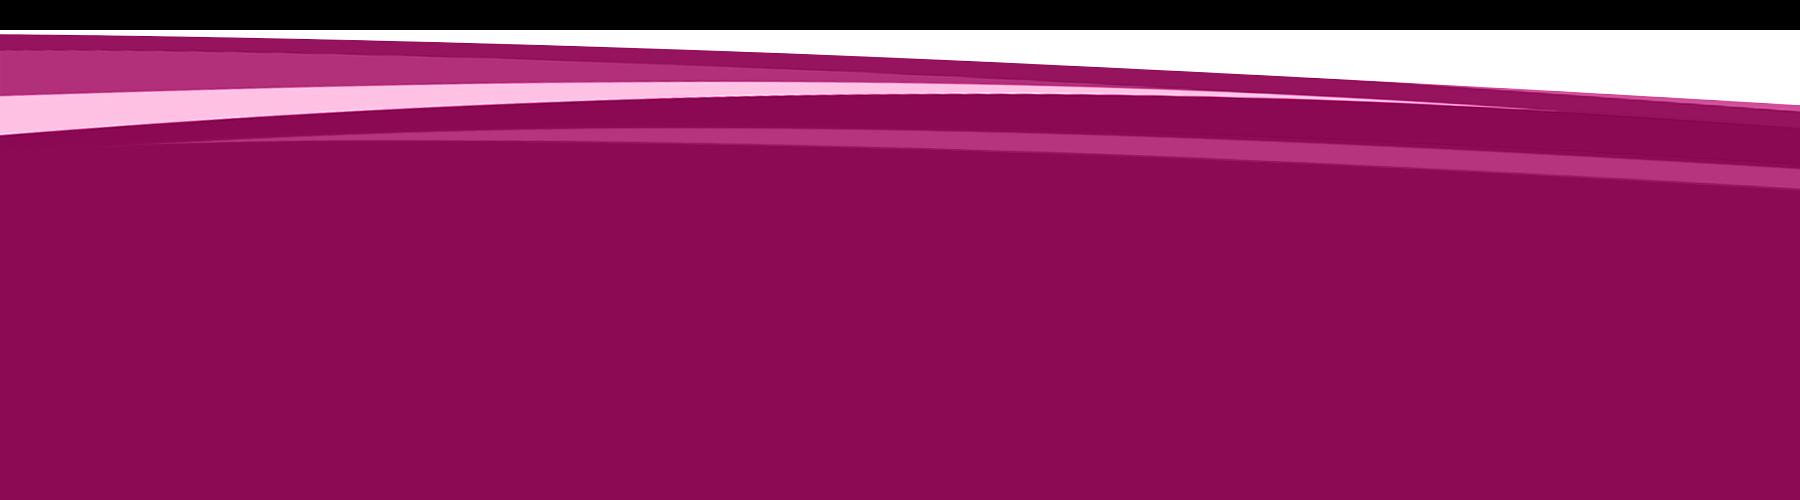 NordseePflege cover image